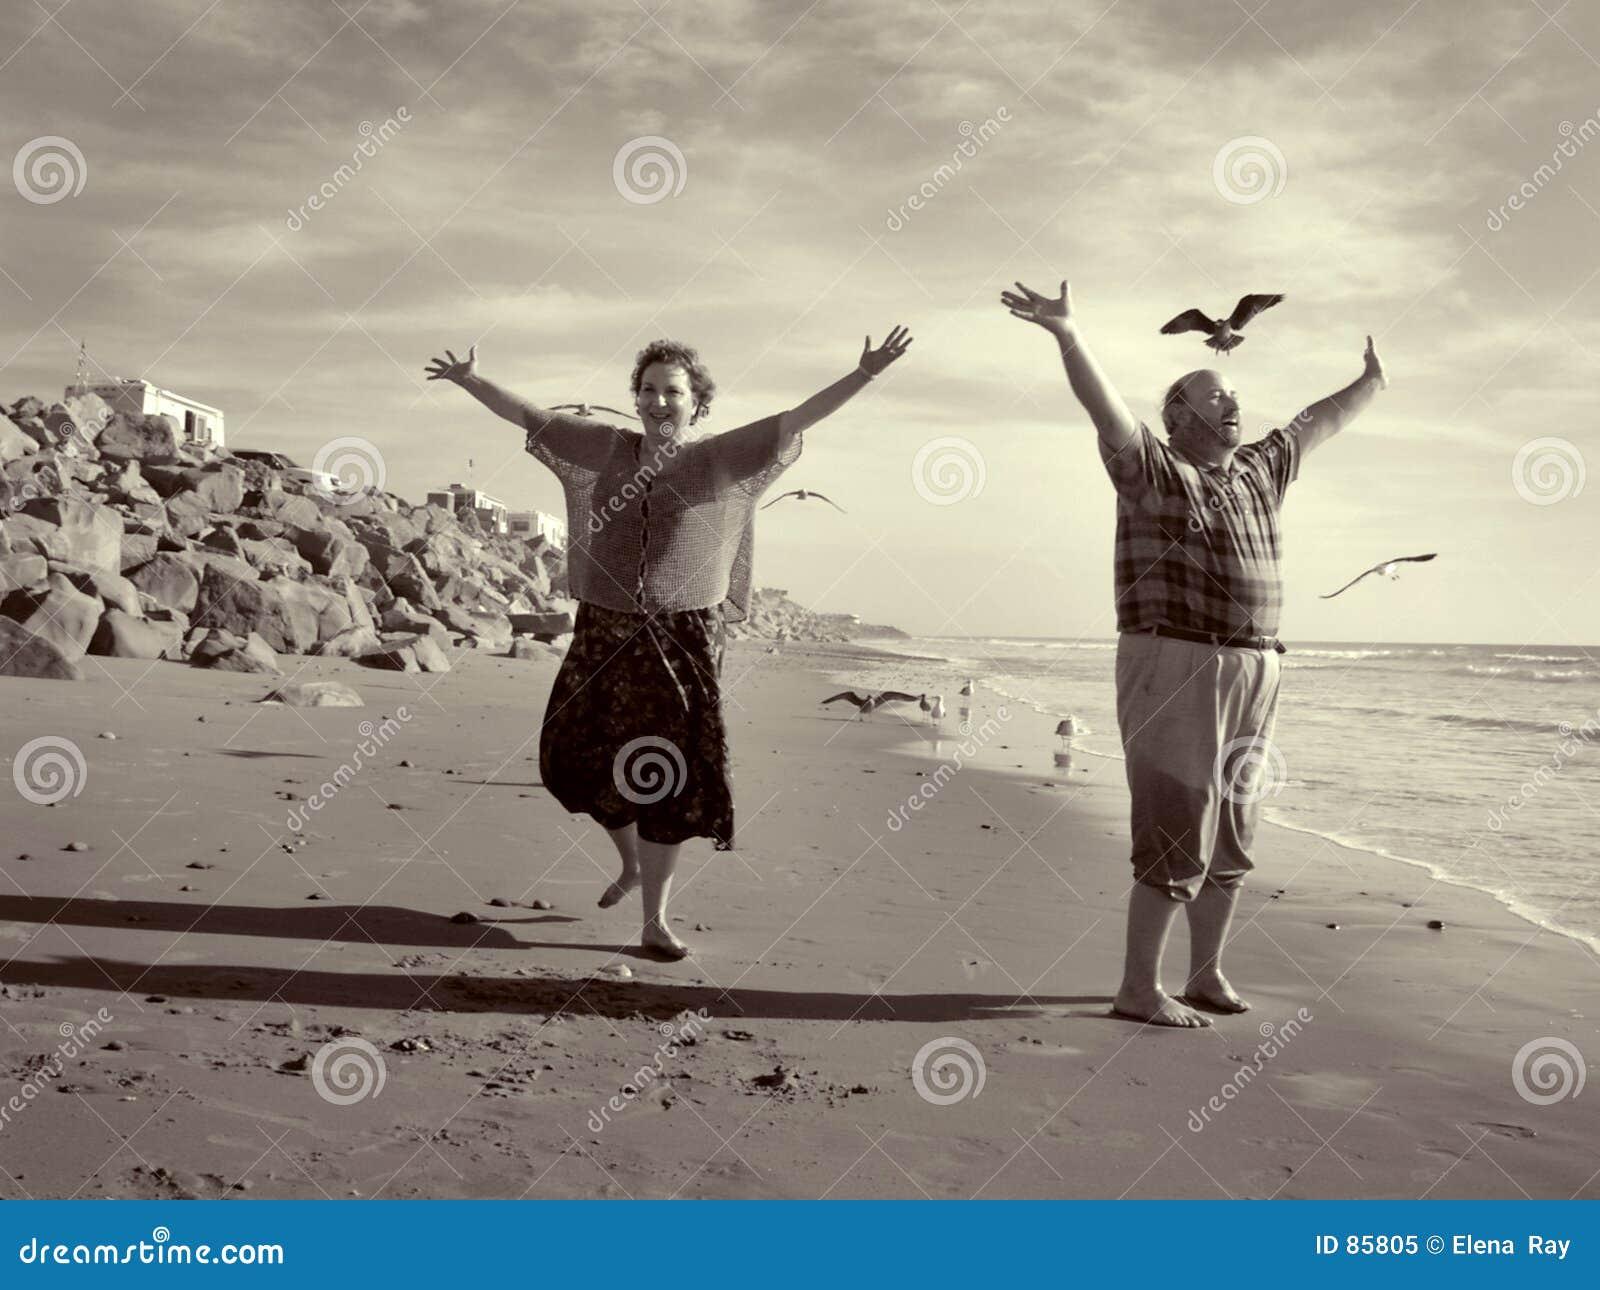 The Joyful Freedom Of Retirement